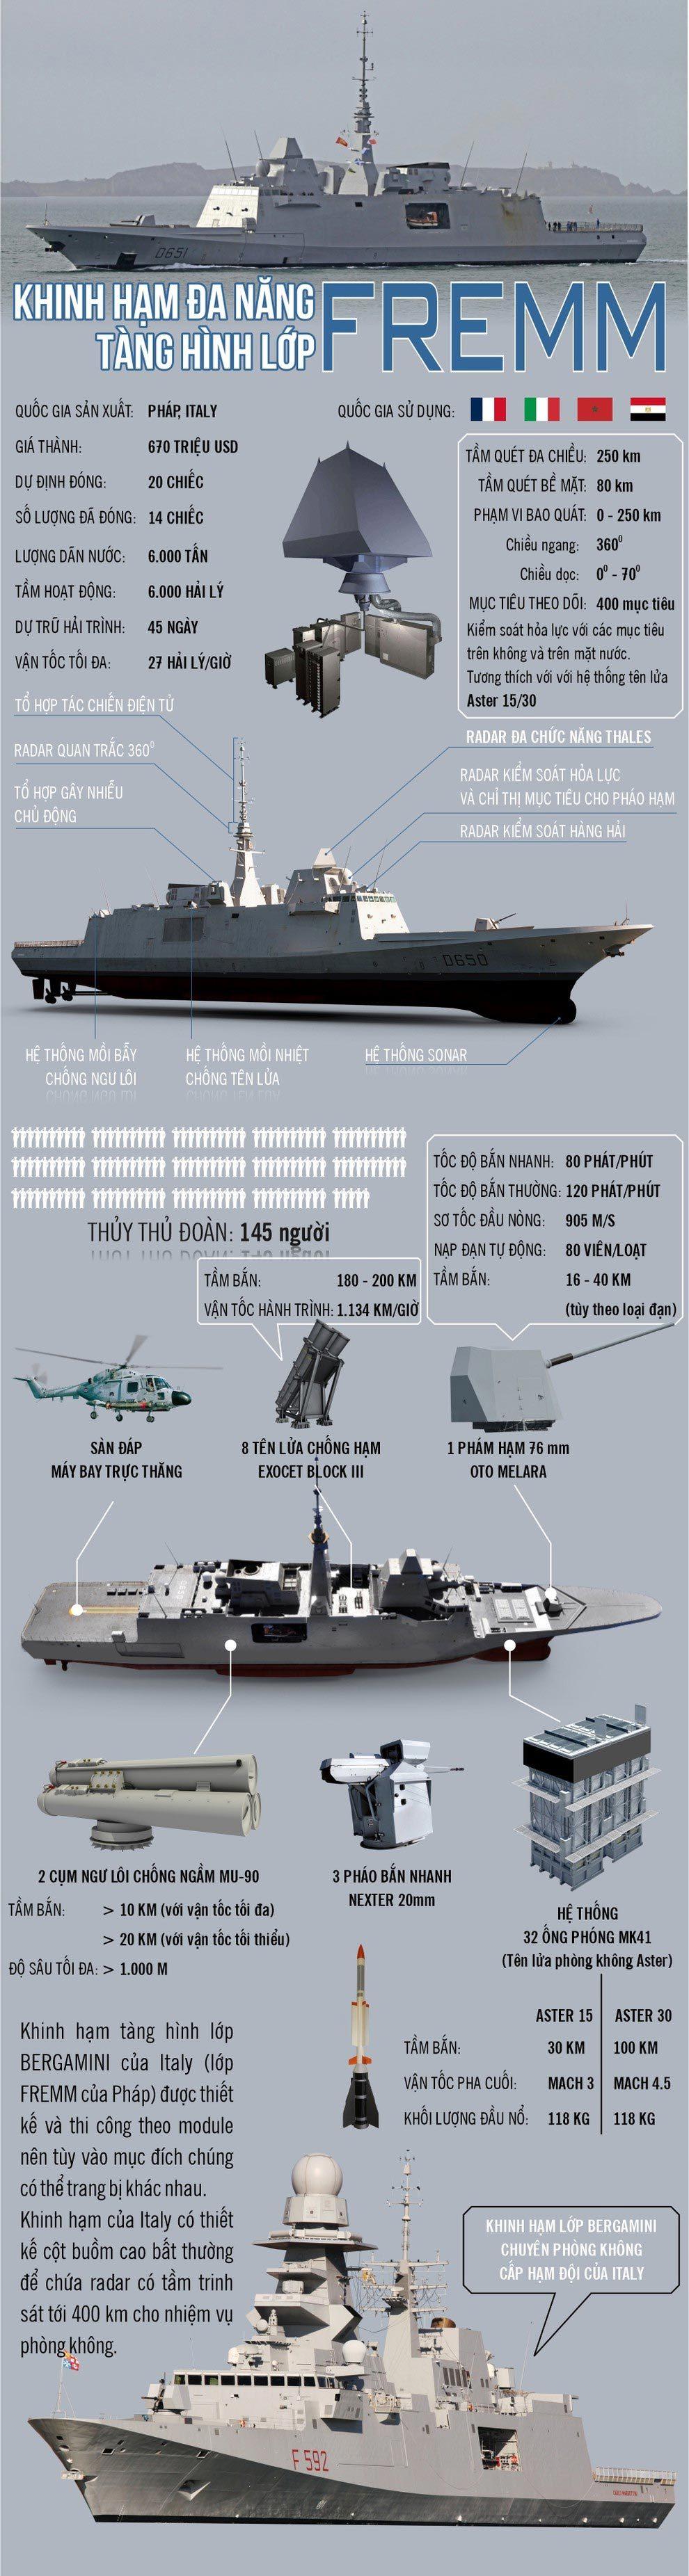 Khinh hạm đa năng tàng hình lớp FREMM đến Mỹ cũng muốn có